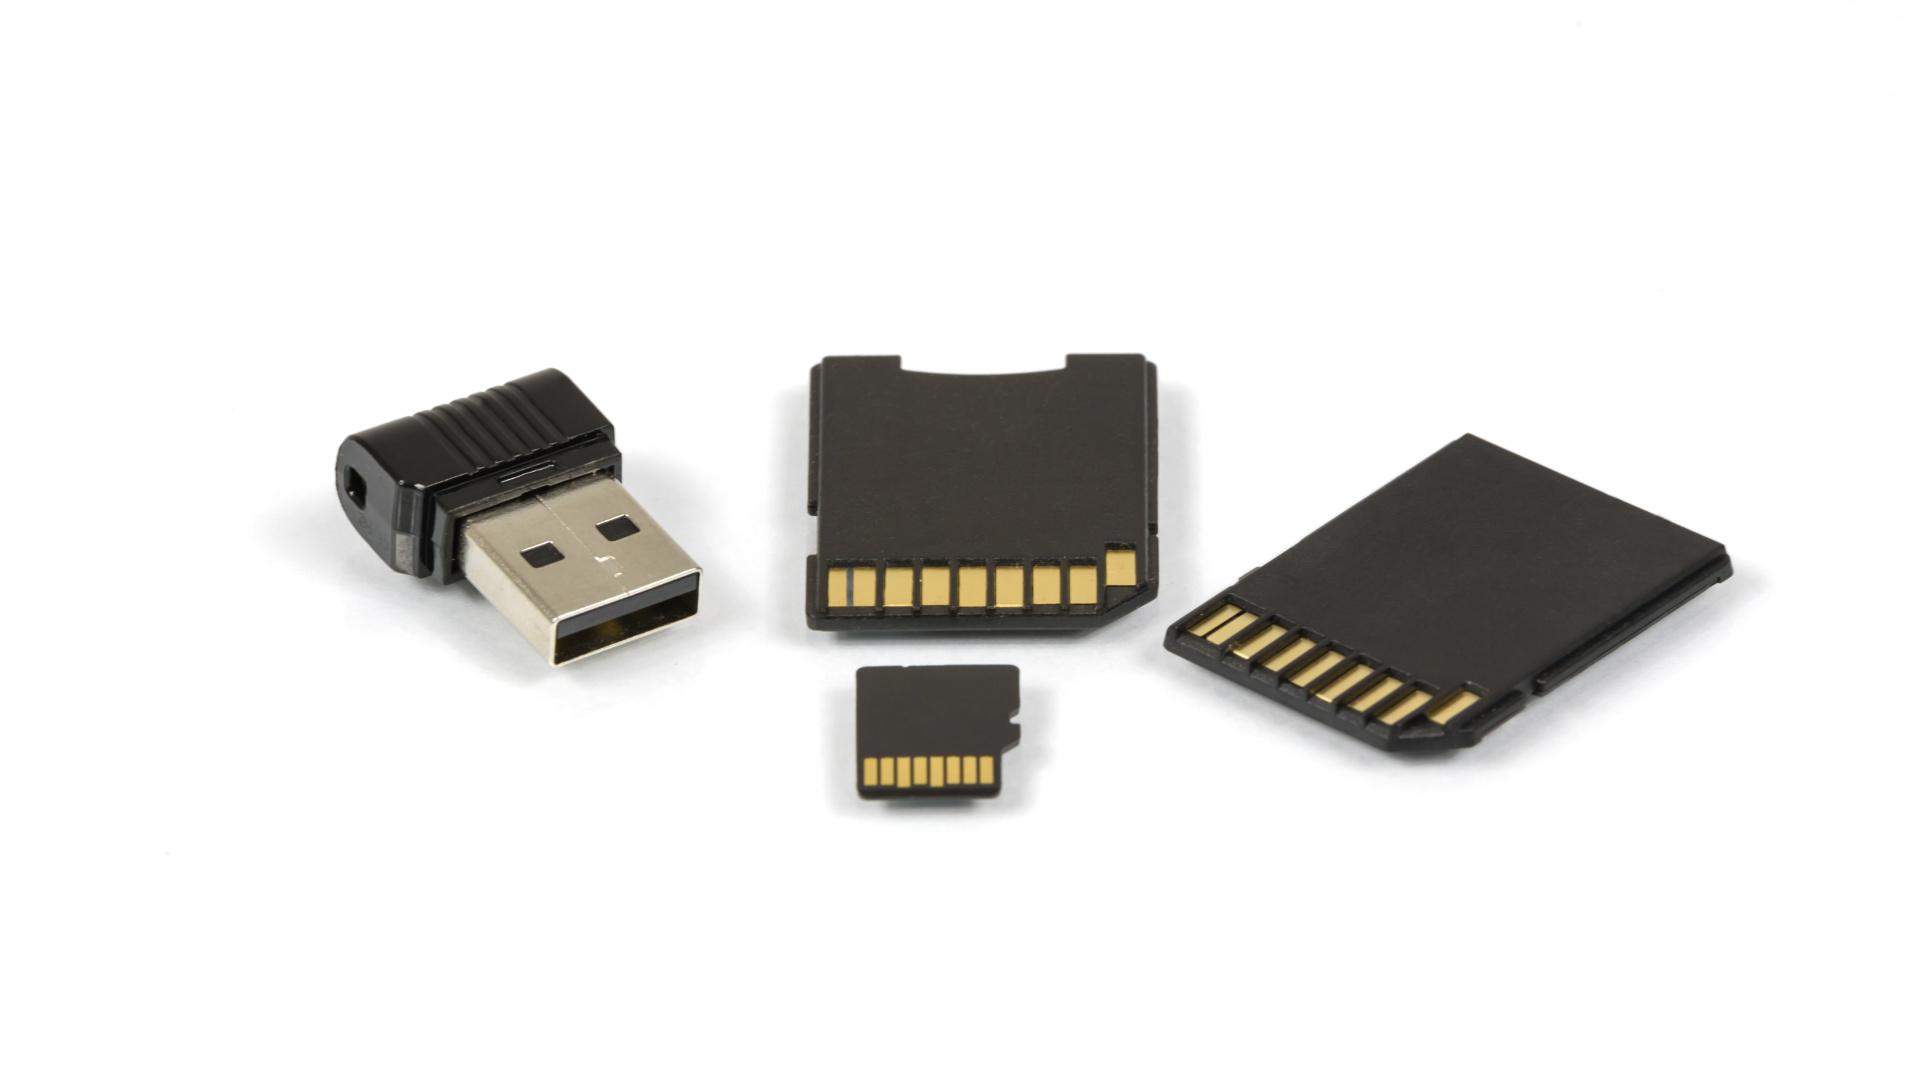 manieren van opslag: USB-stick, SD-kaart